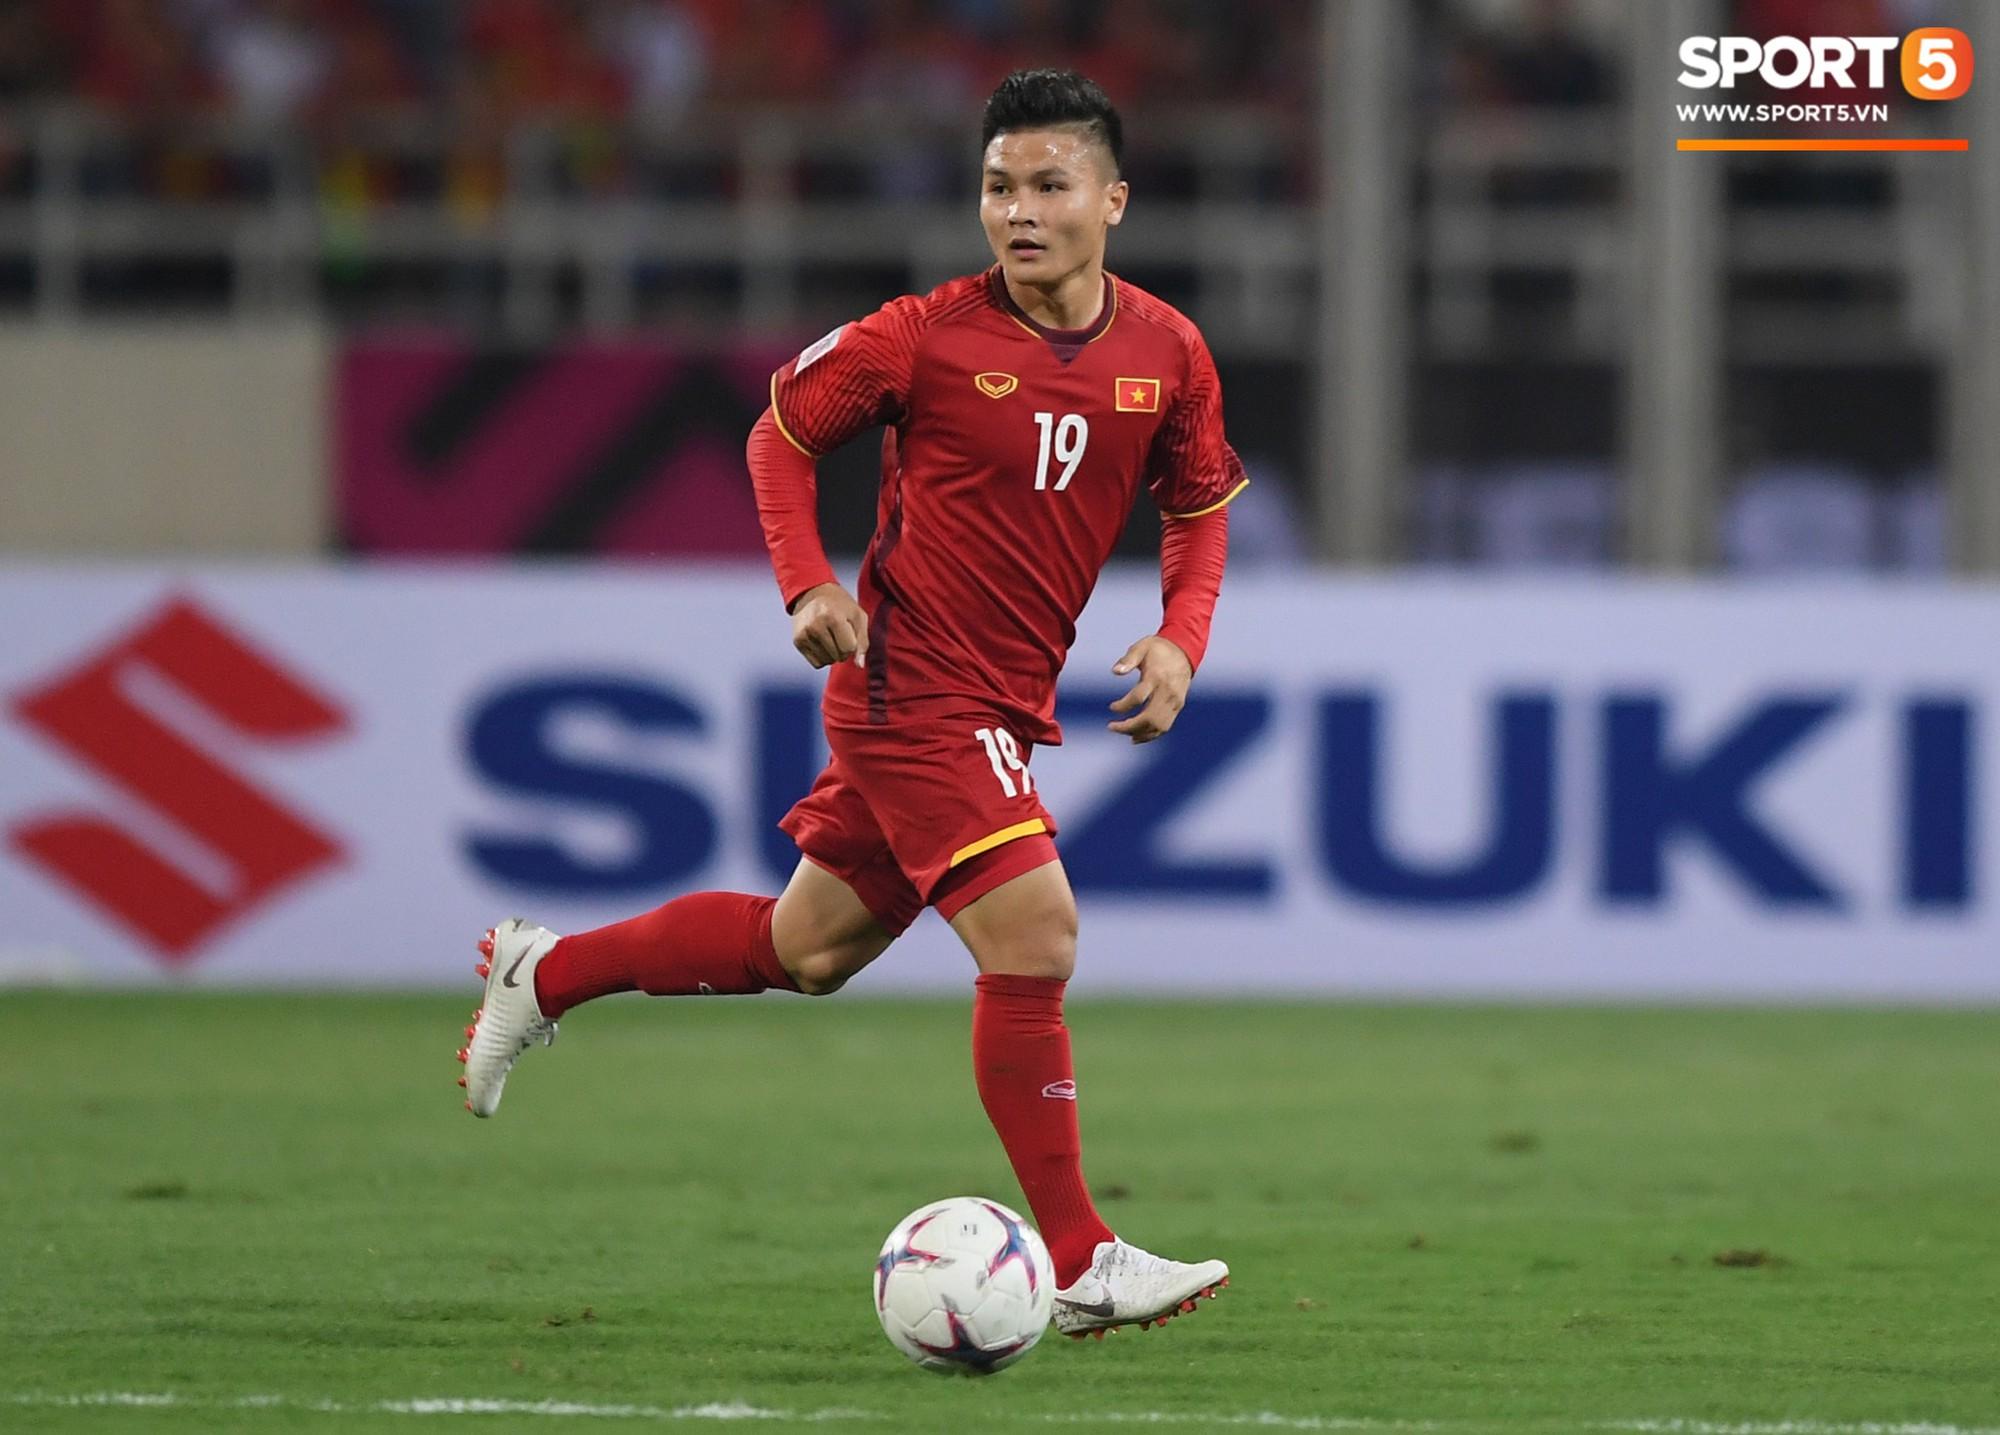 Những thử thách nào đang chờ tuyển Việt Nam trong năm 2019? - Ảnh 1